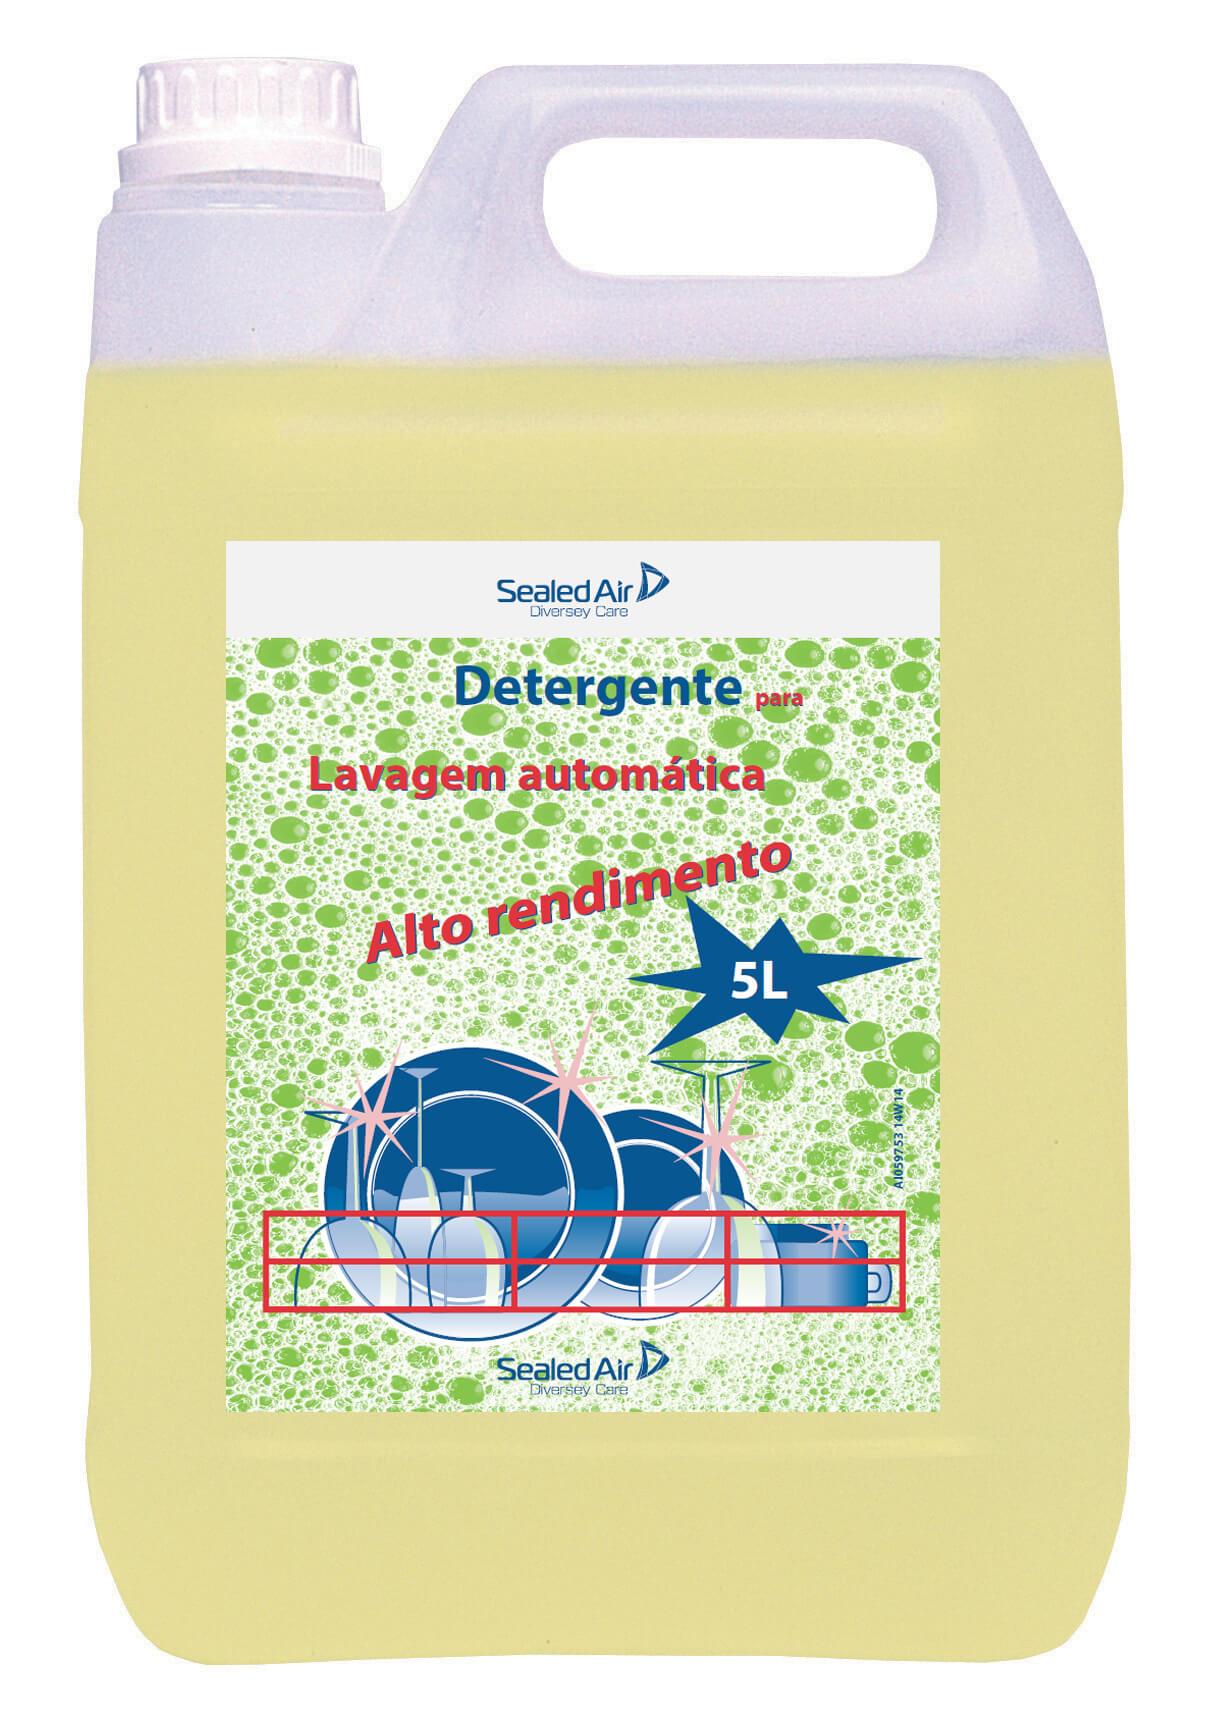 Detergente Universal